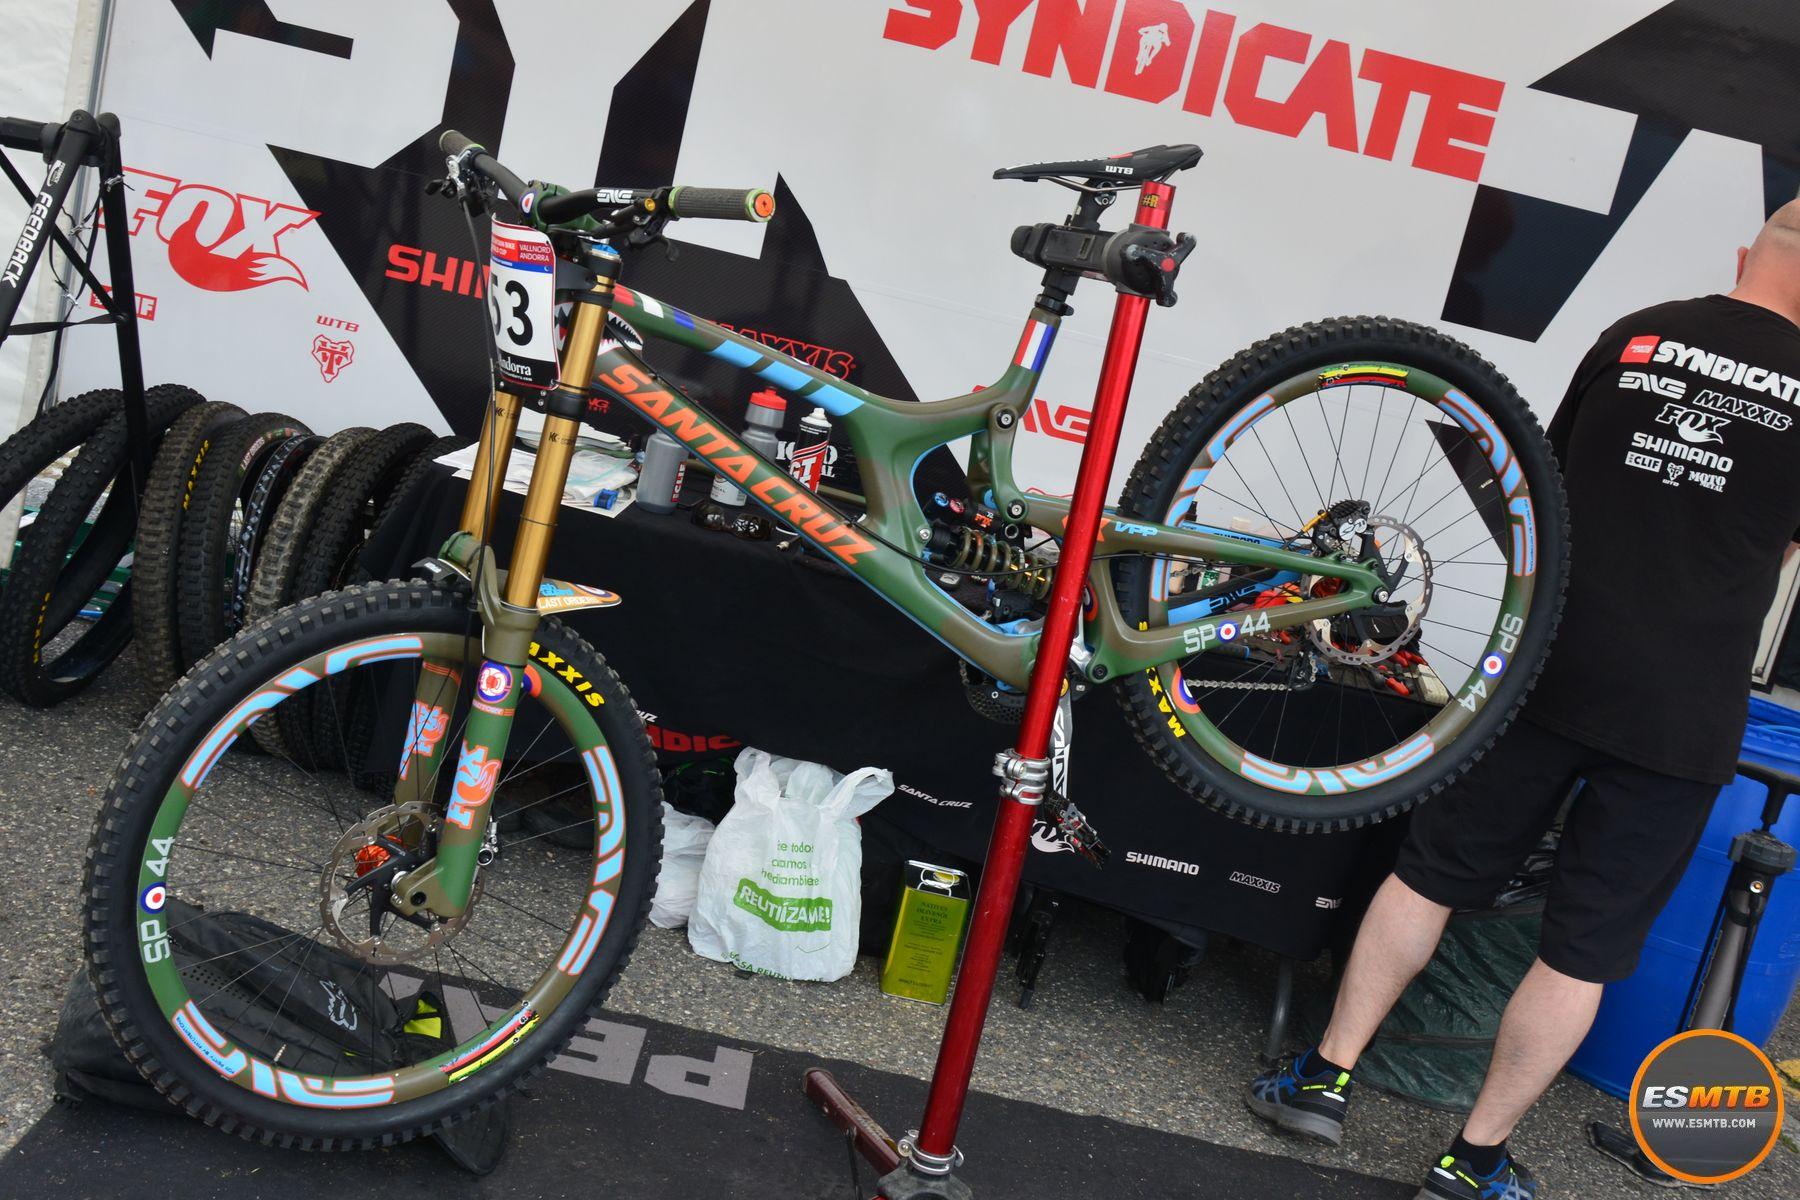 La última bicicleta de Steve Peat en la Copa del Mundo. Pintura personalizada para despedir a un biker único.